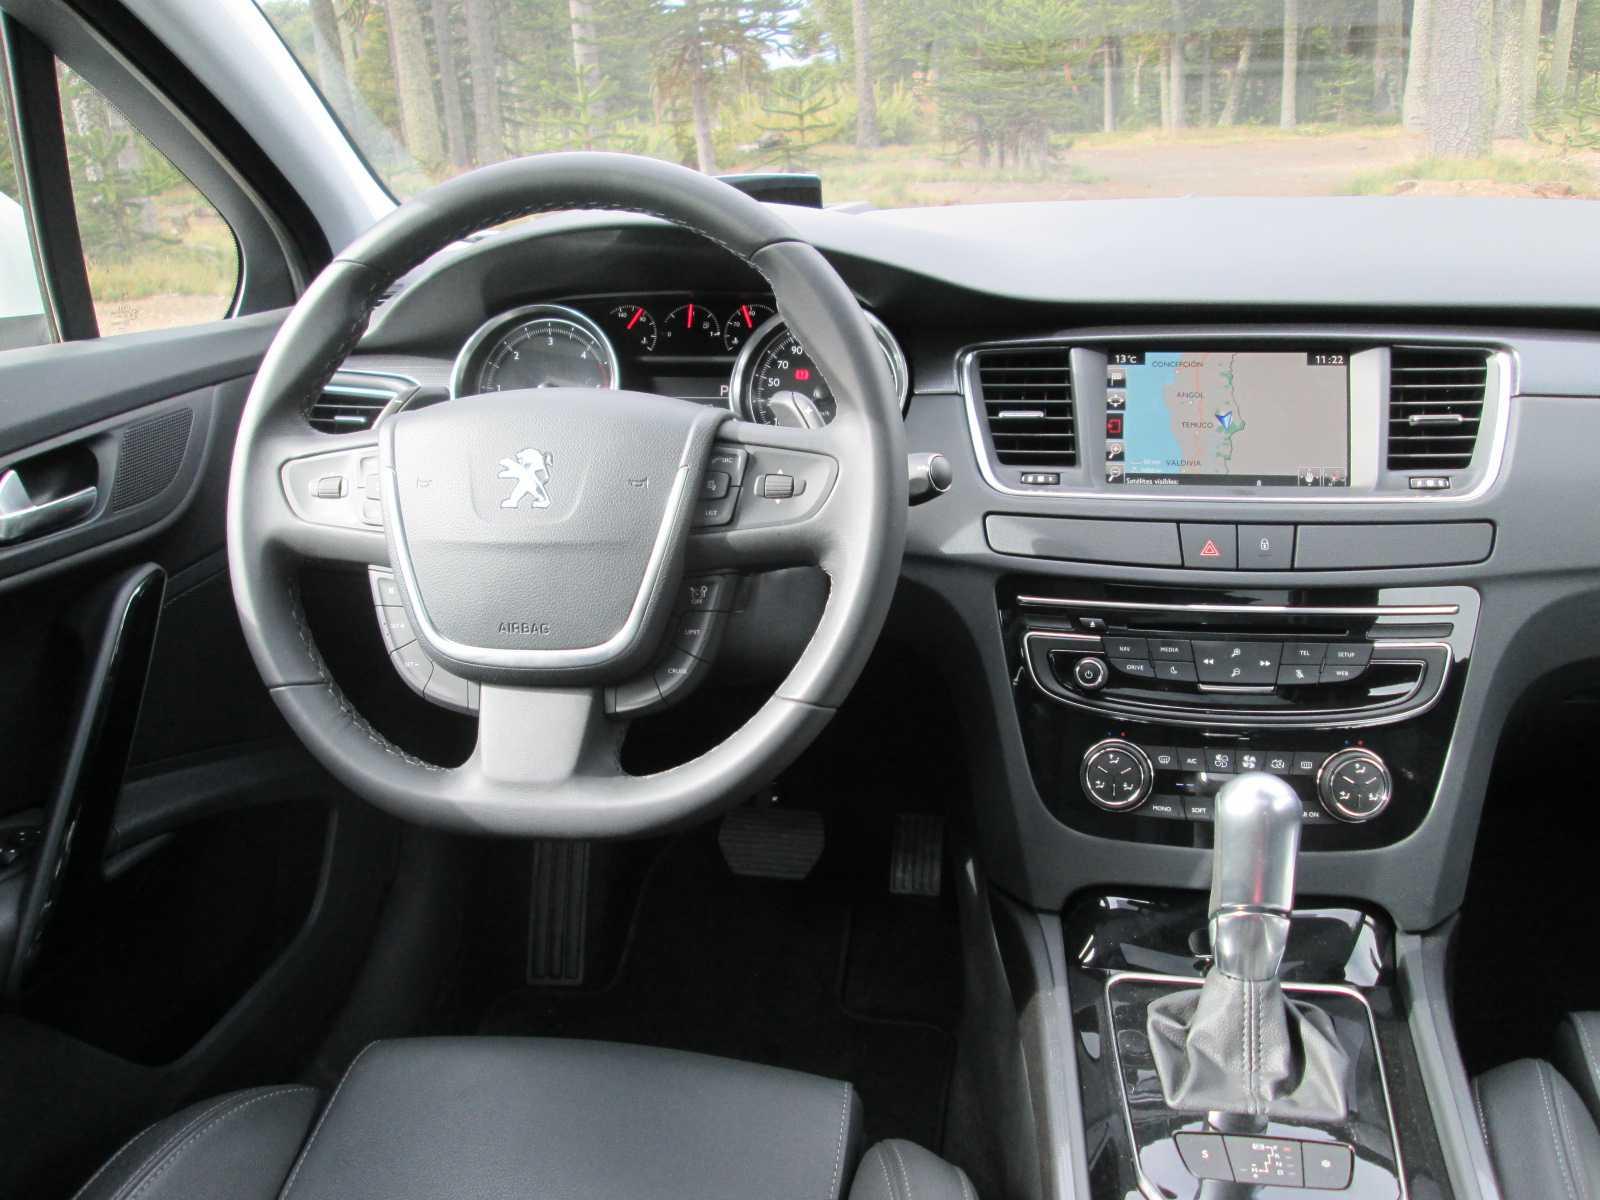 Peugeot 508 2.0L 165 CV Allure 2015 Toma de Contacto (14)